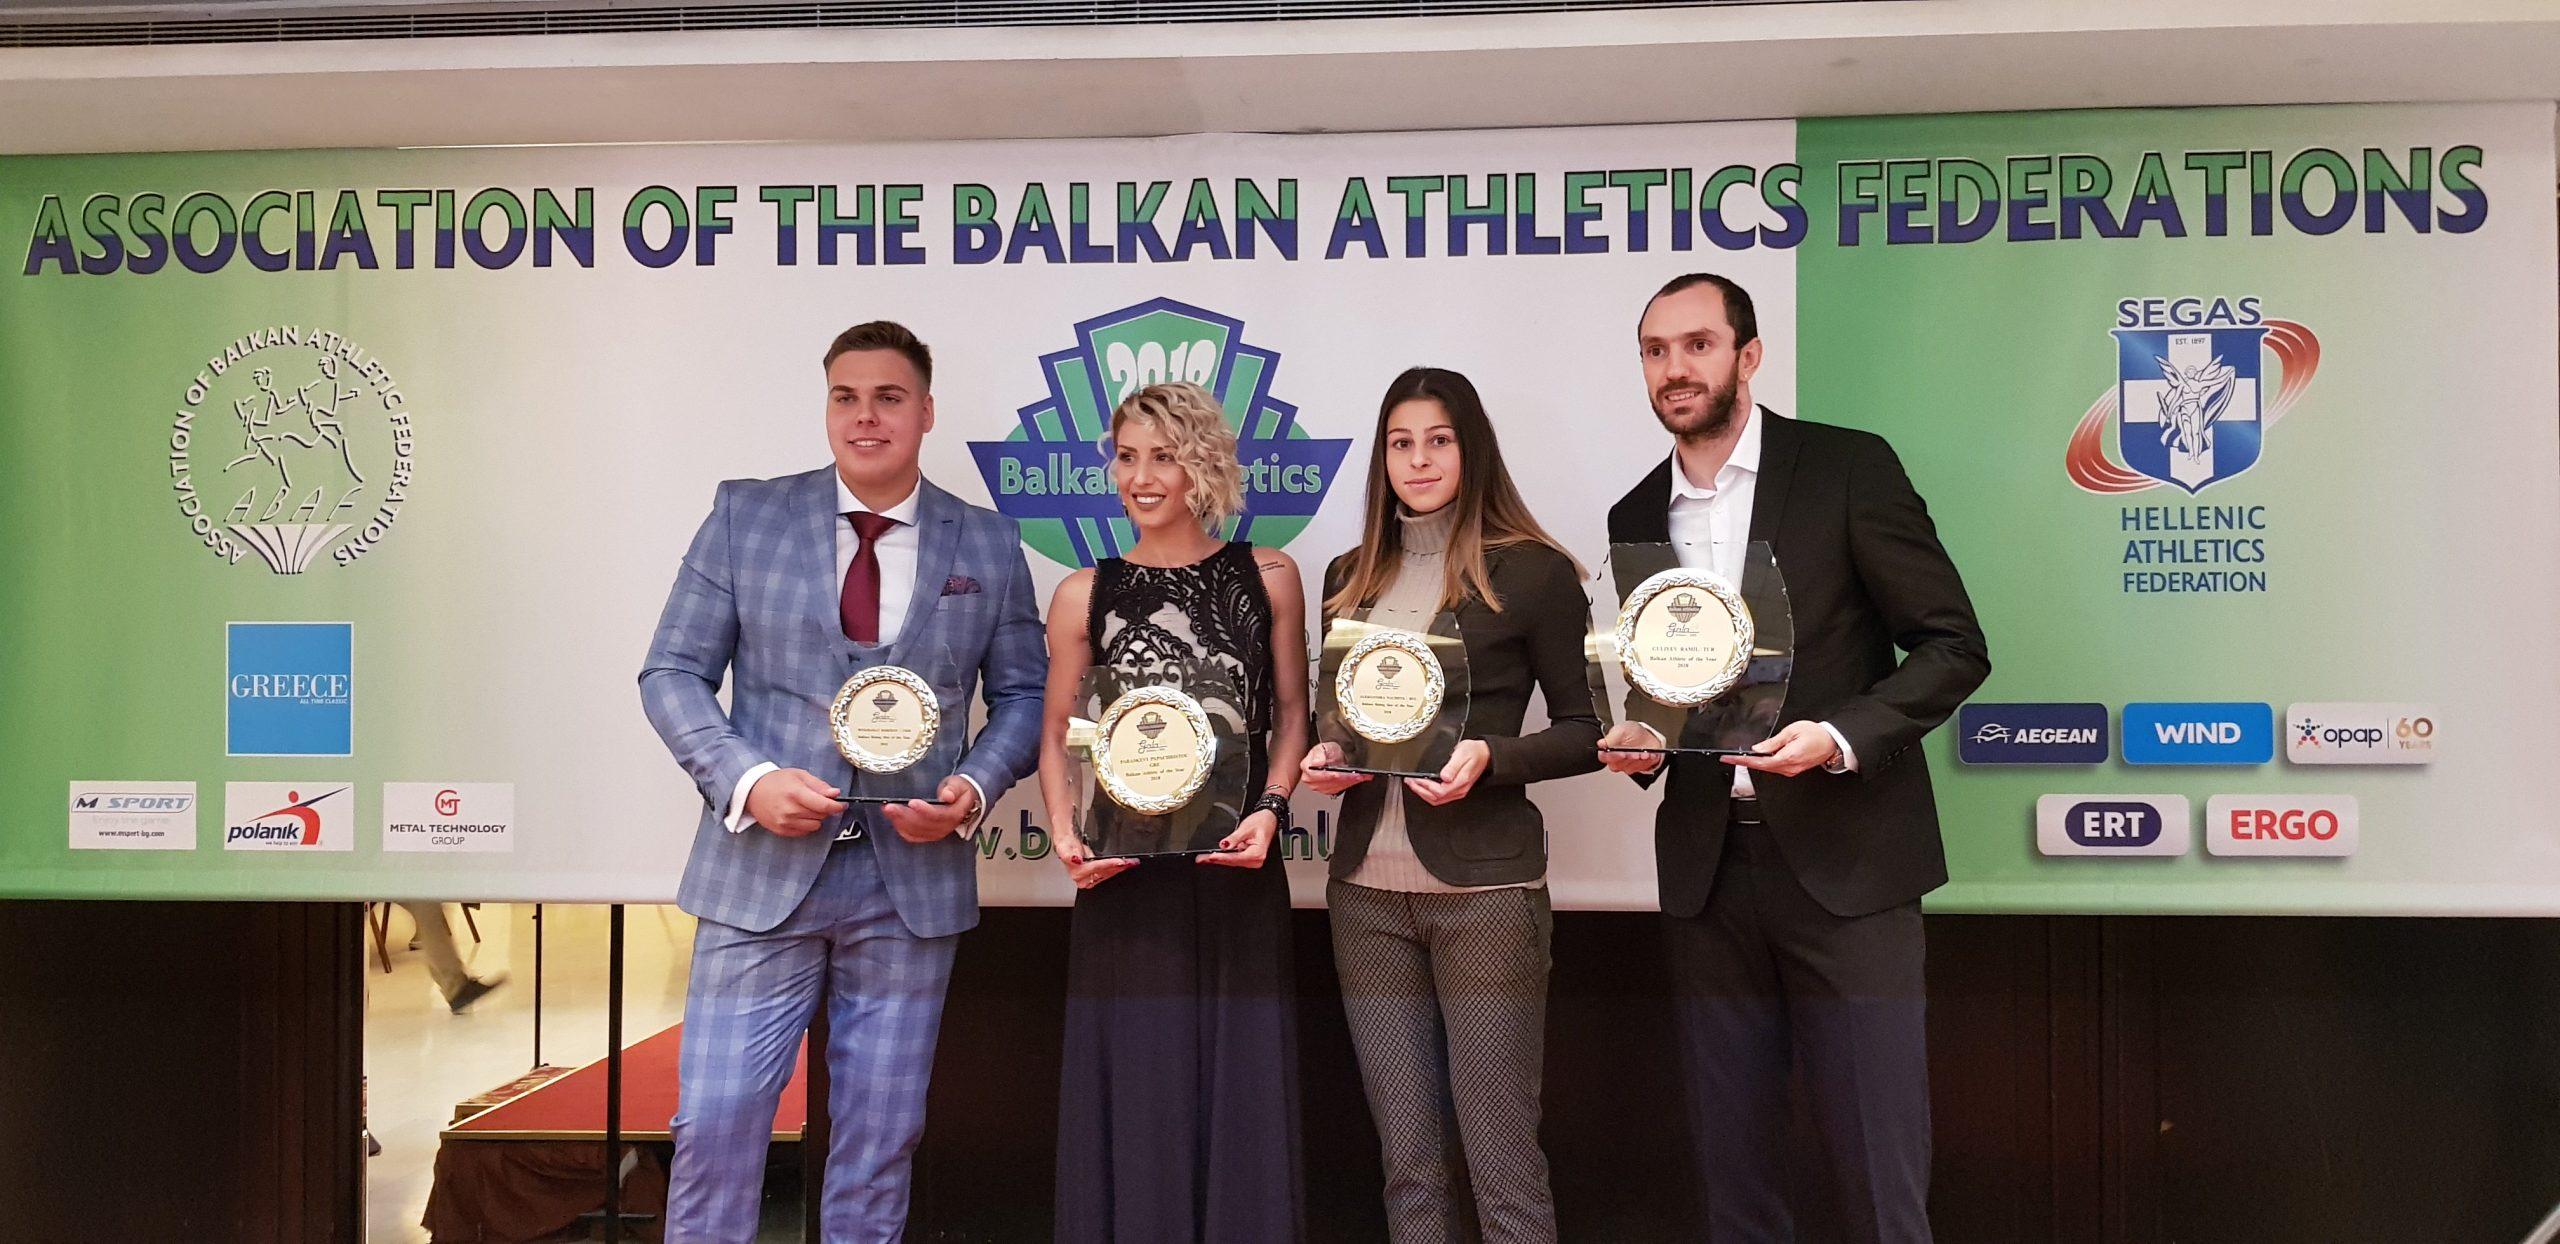 Najbolji atletičari balkana za 2018. godinu